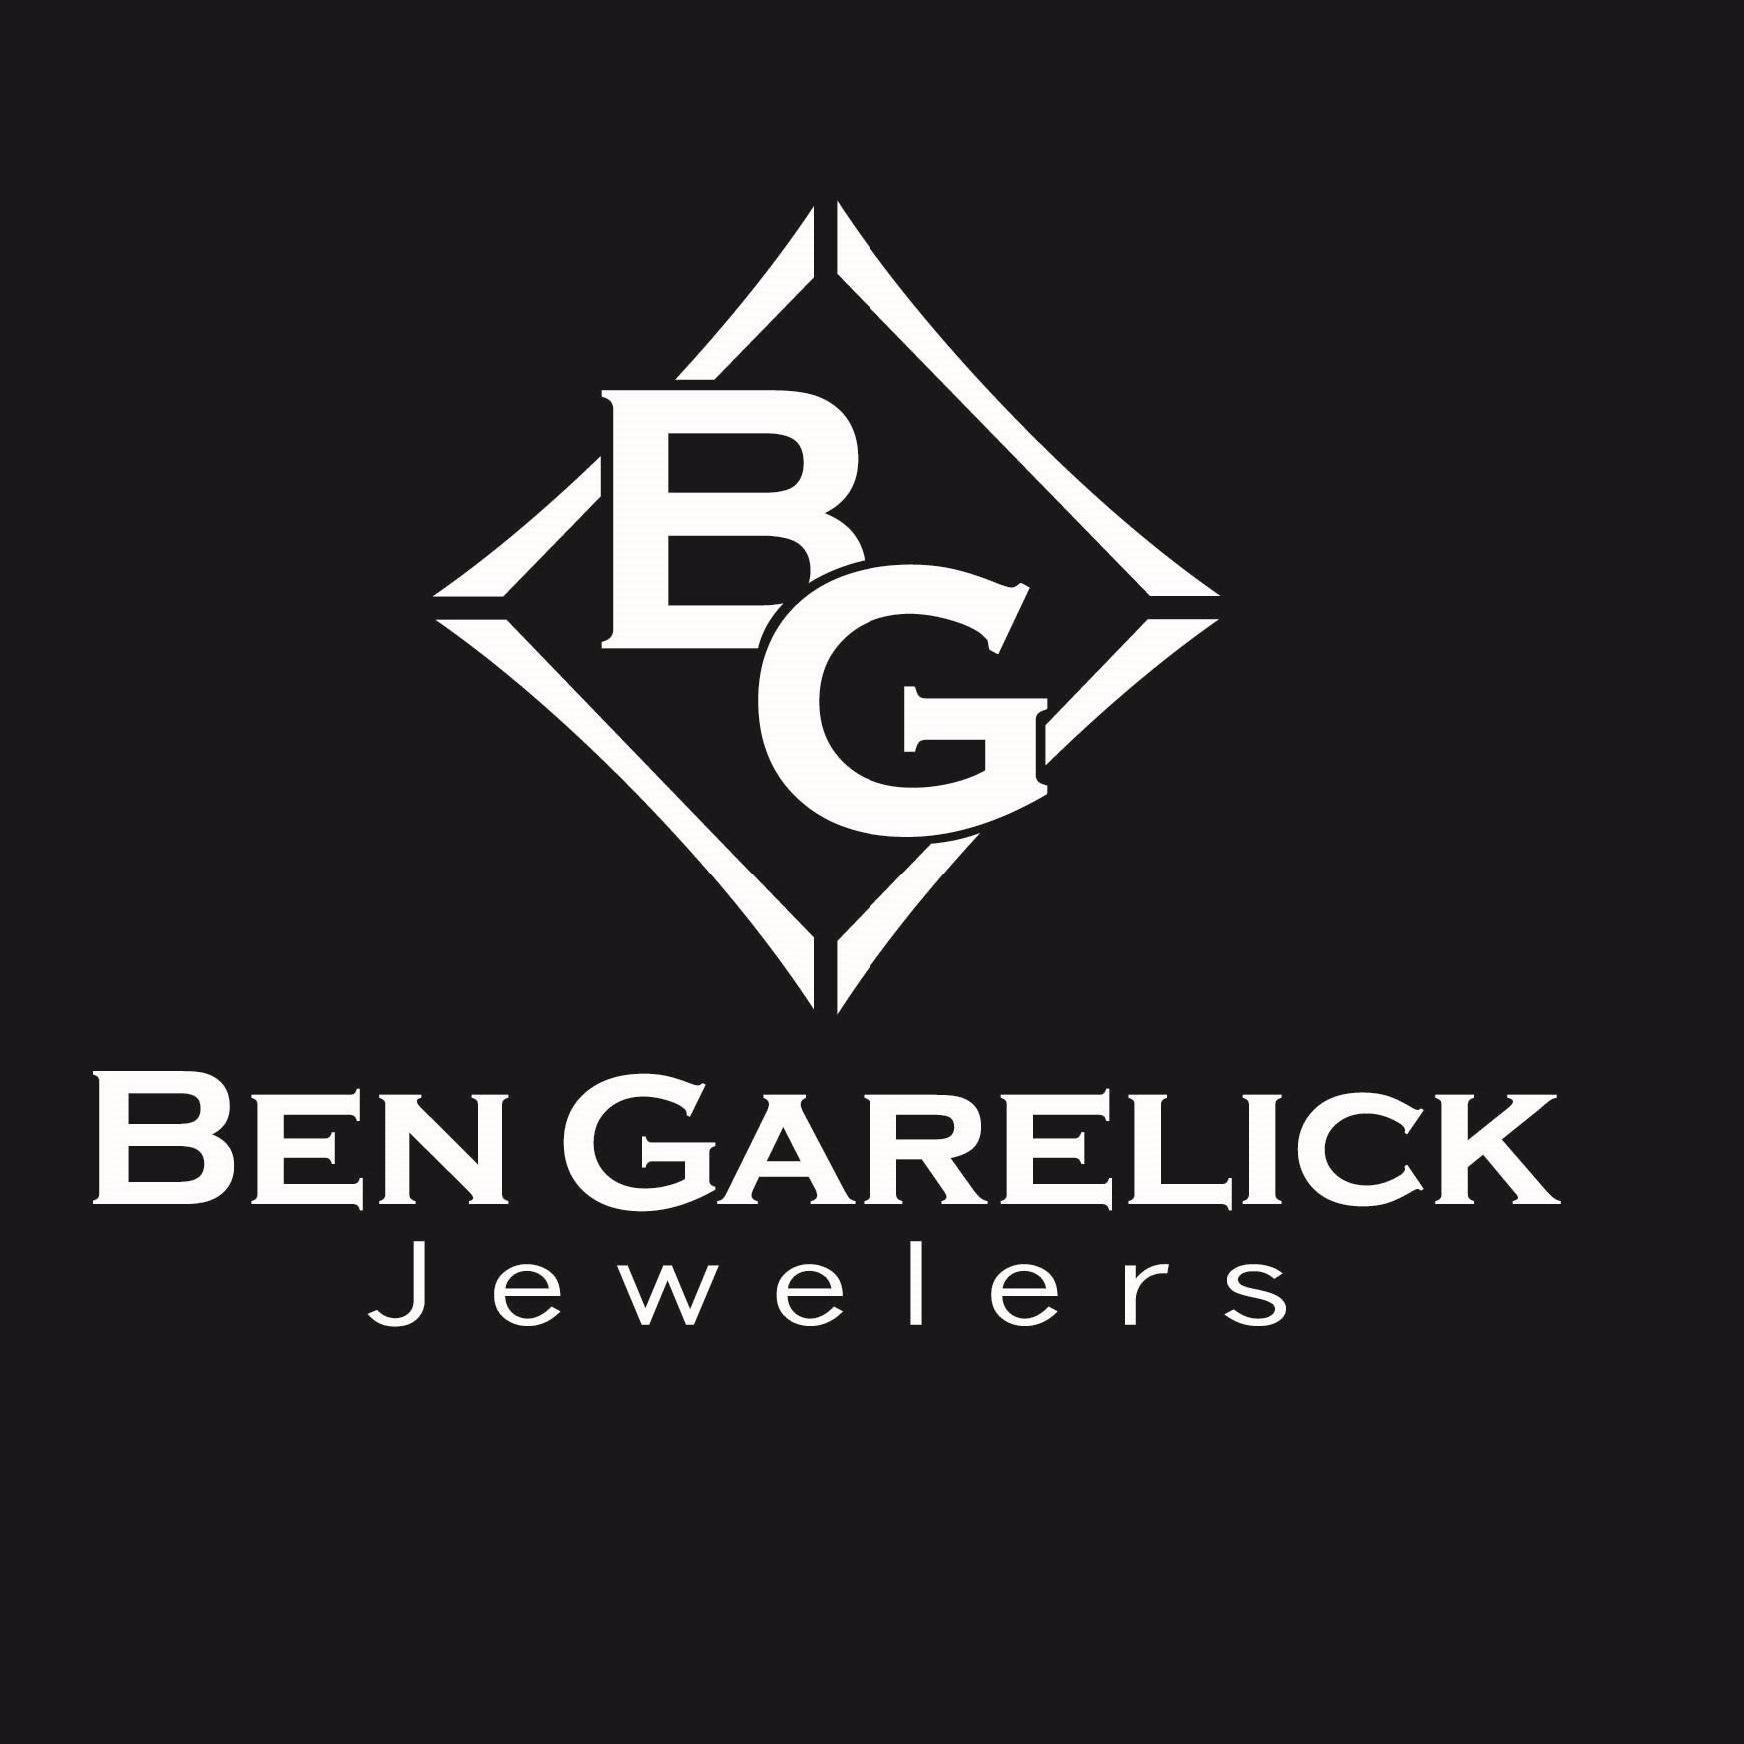 Ben Garelick Jewelers